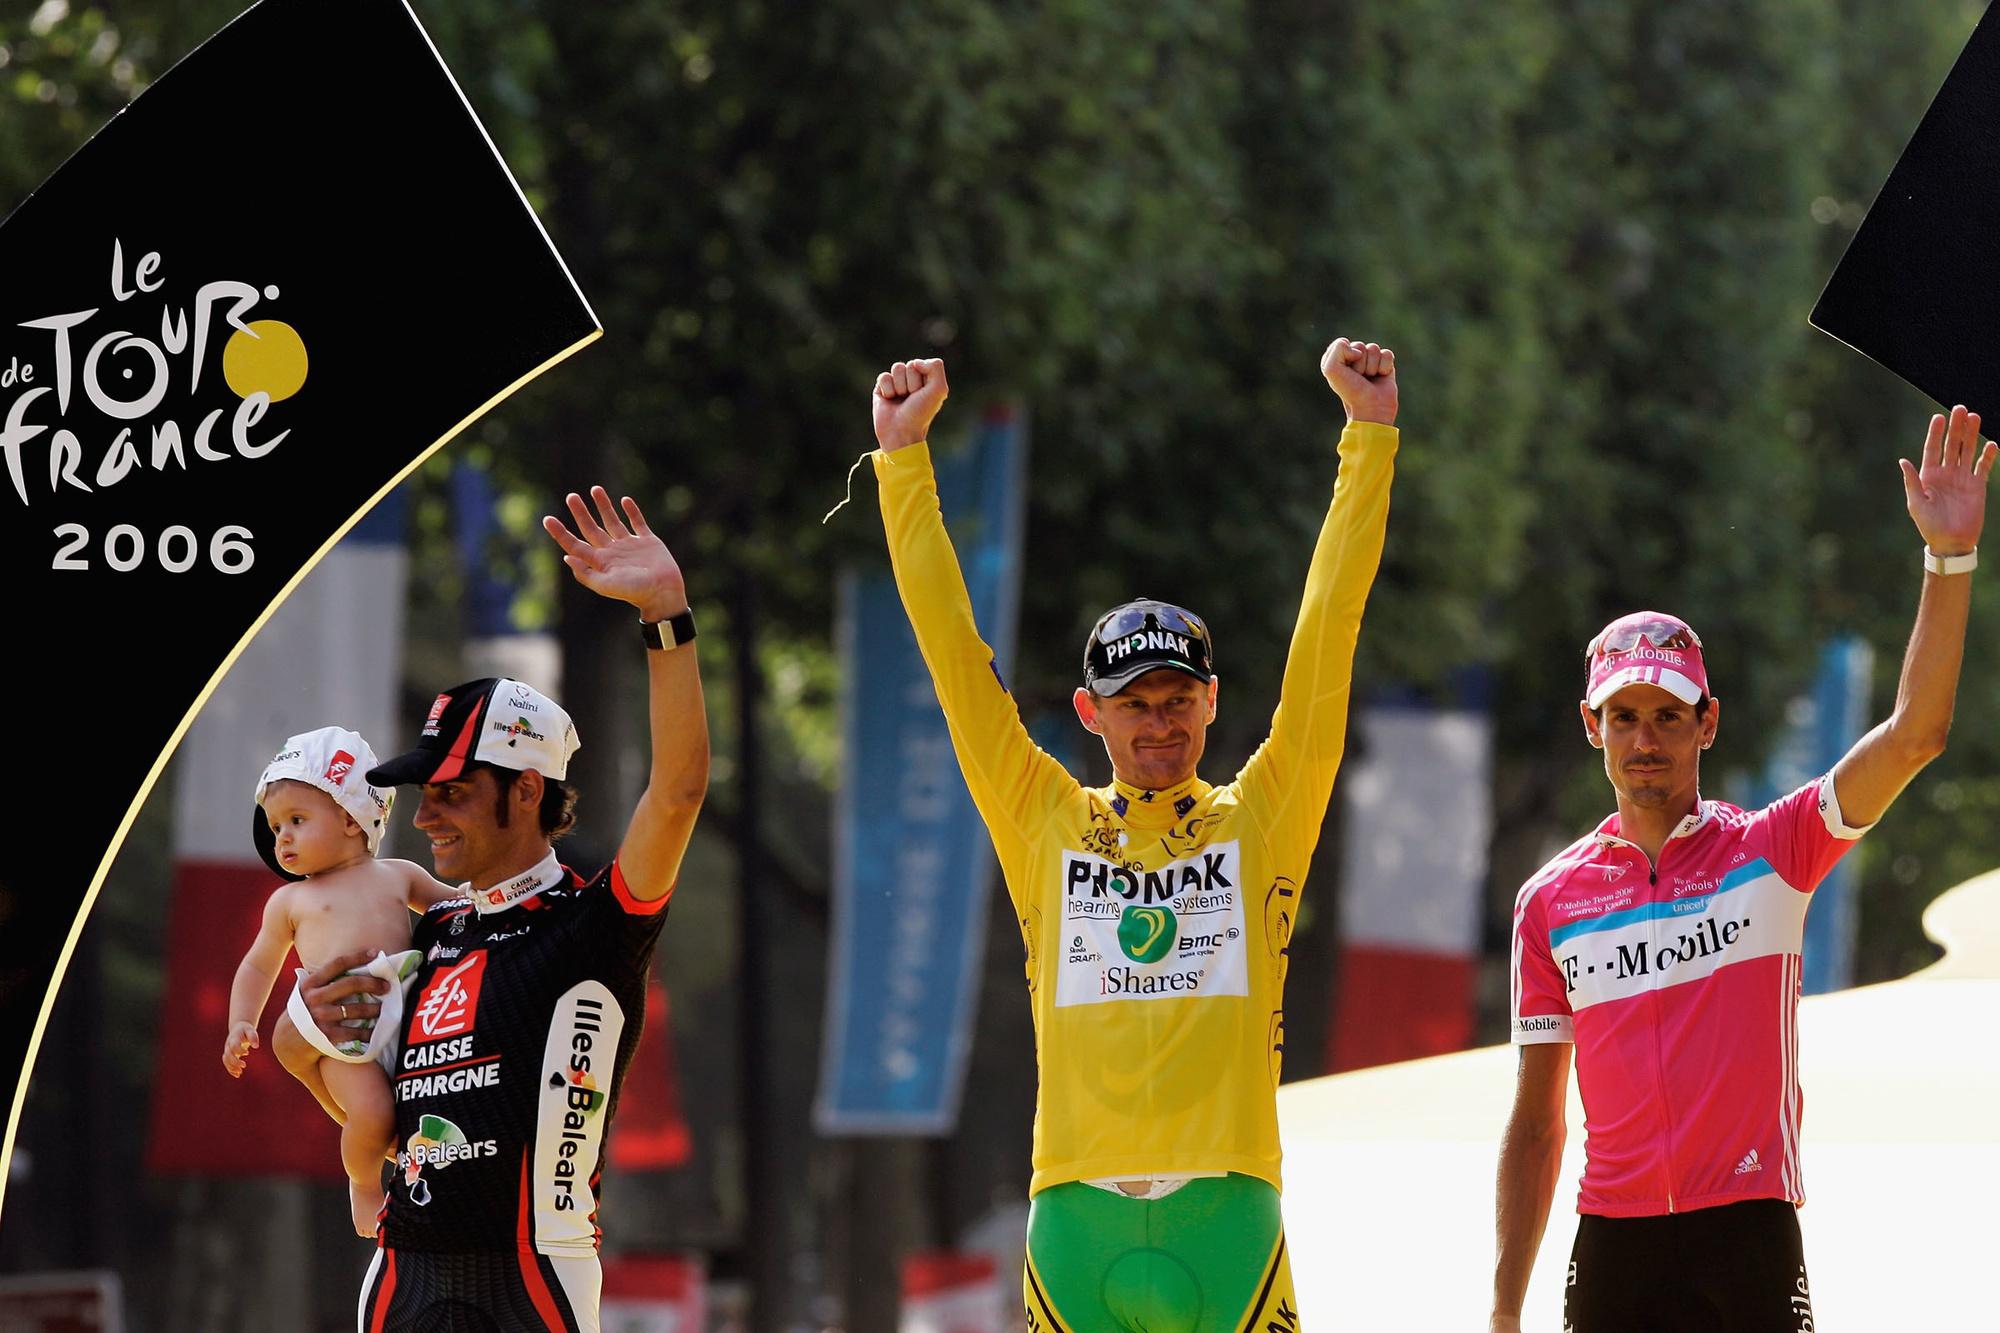 Oscar Pereiro eindigt uiteindelijk tweede, Floyd Landis mag de gele trui mee naar huis nemen., GETTY